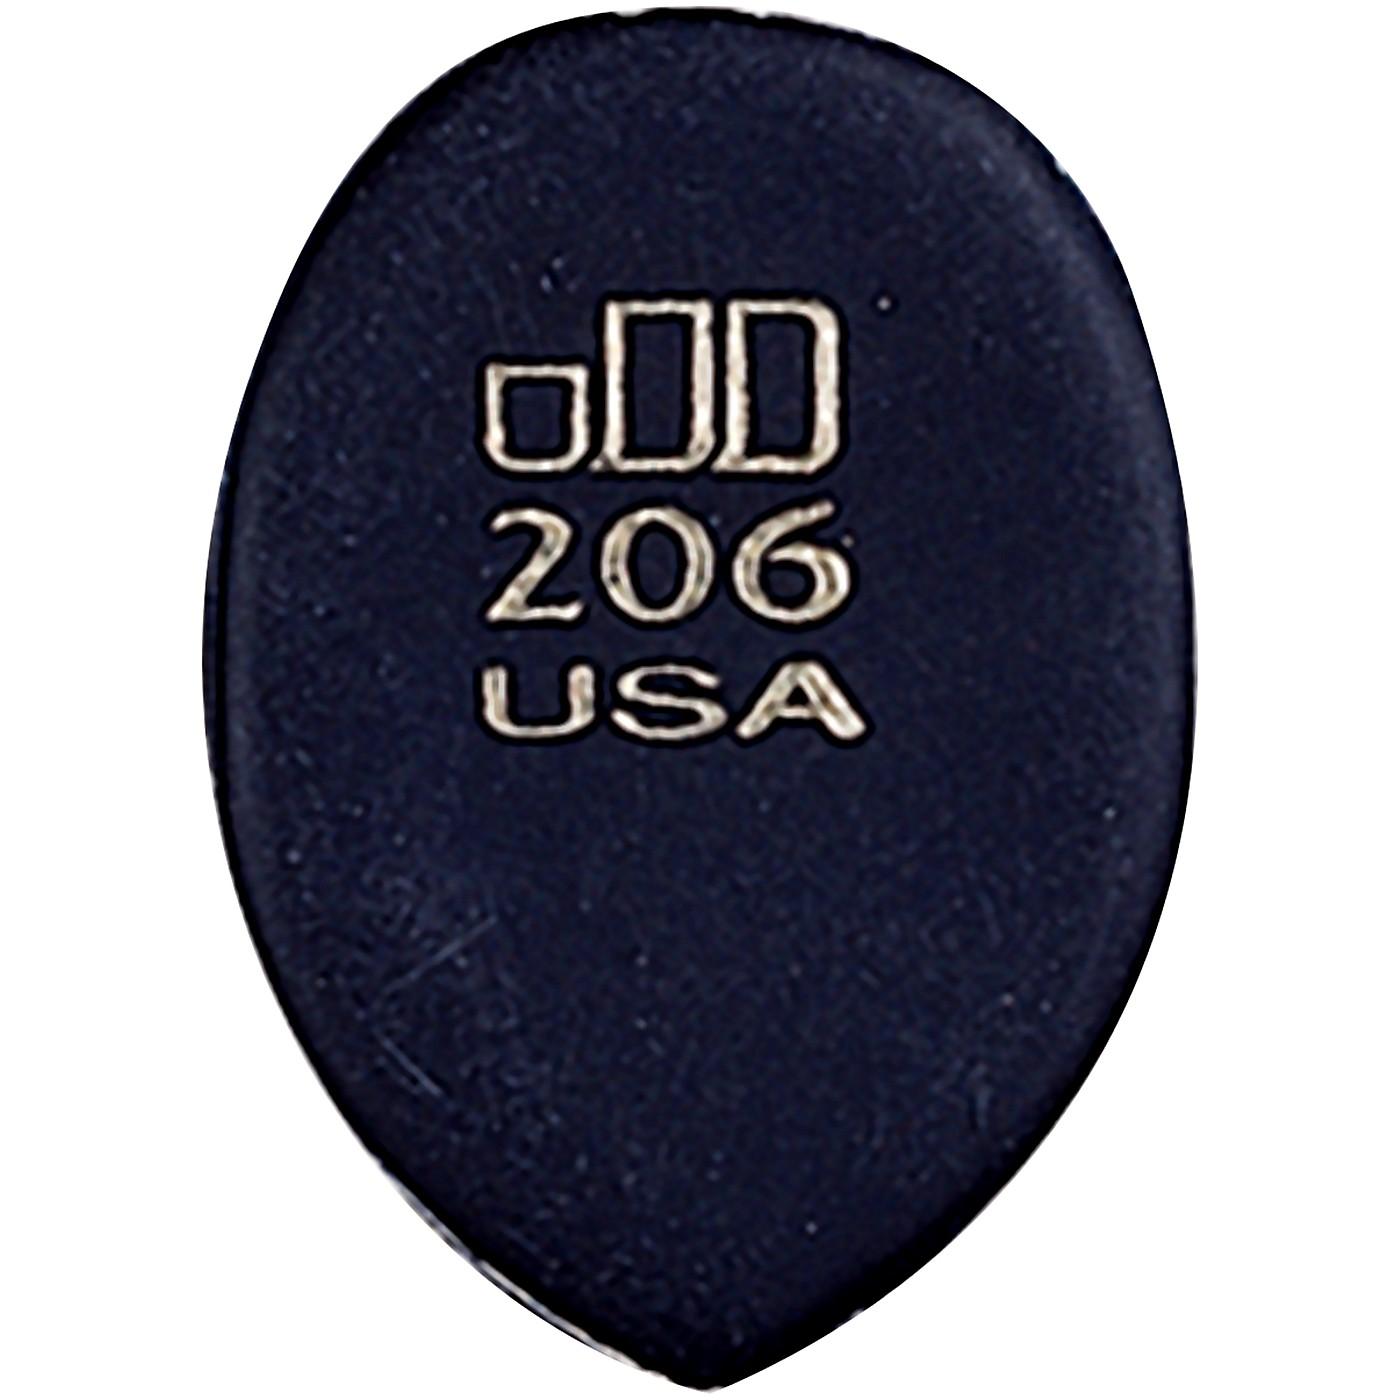 Dunlop JD JazzTone 206 Guitar Picks 6-Pack thumbnail